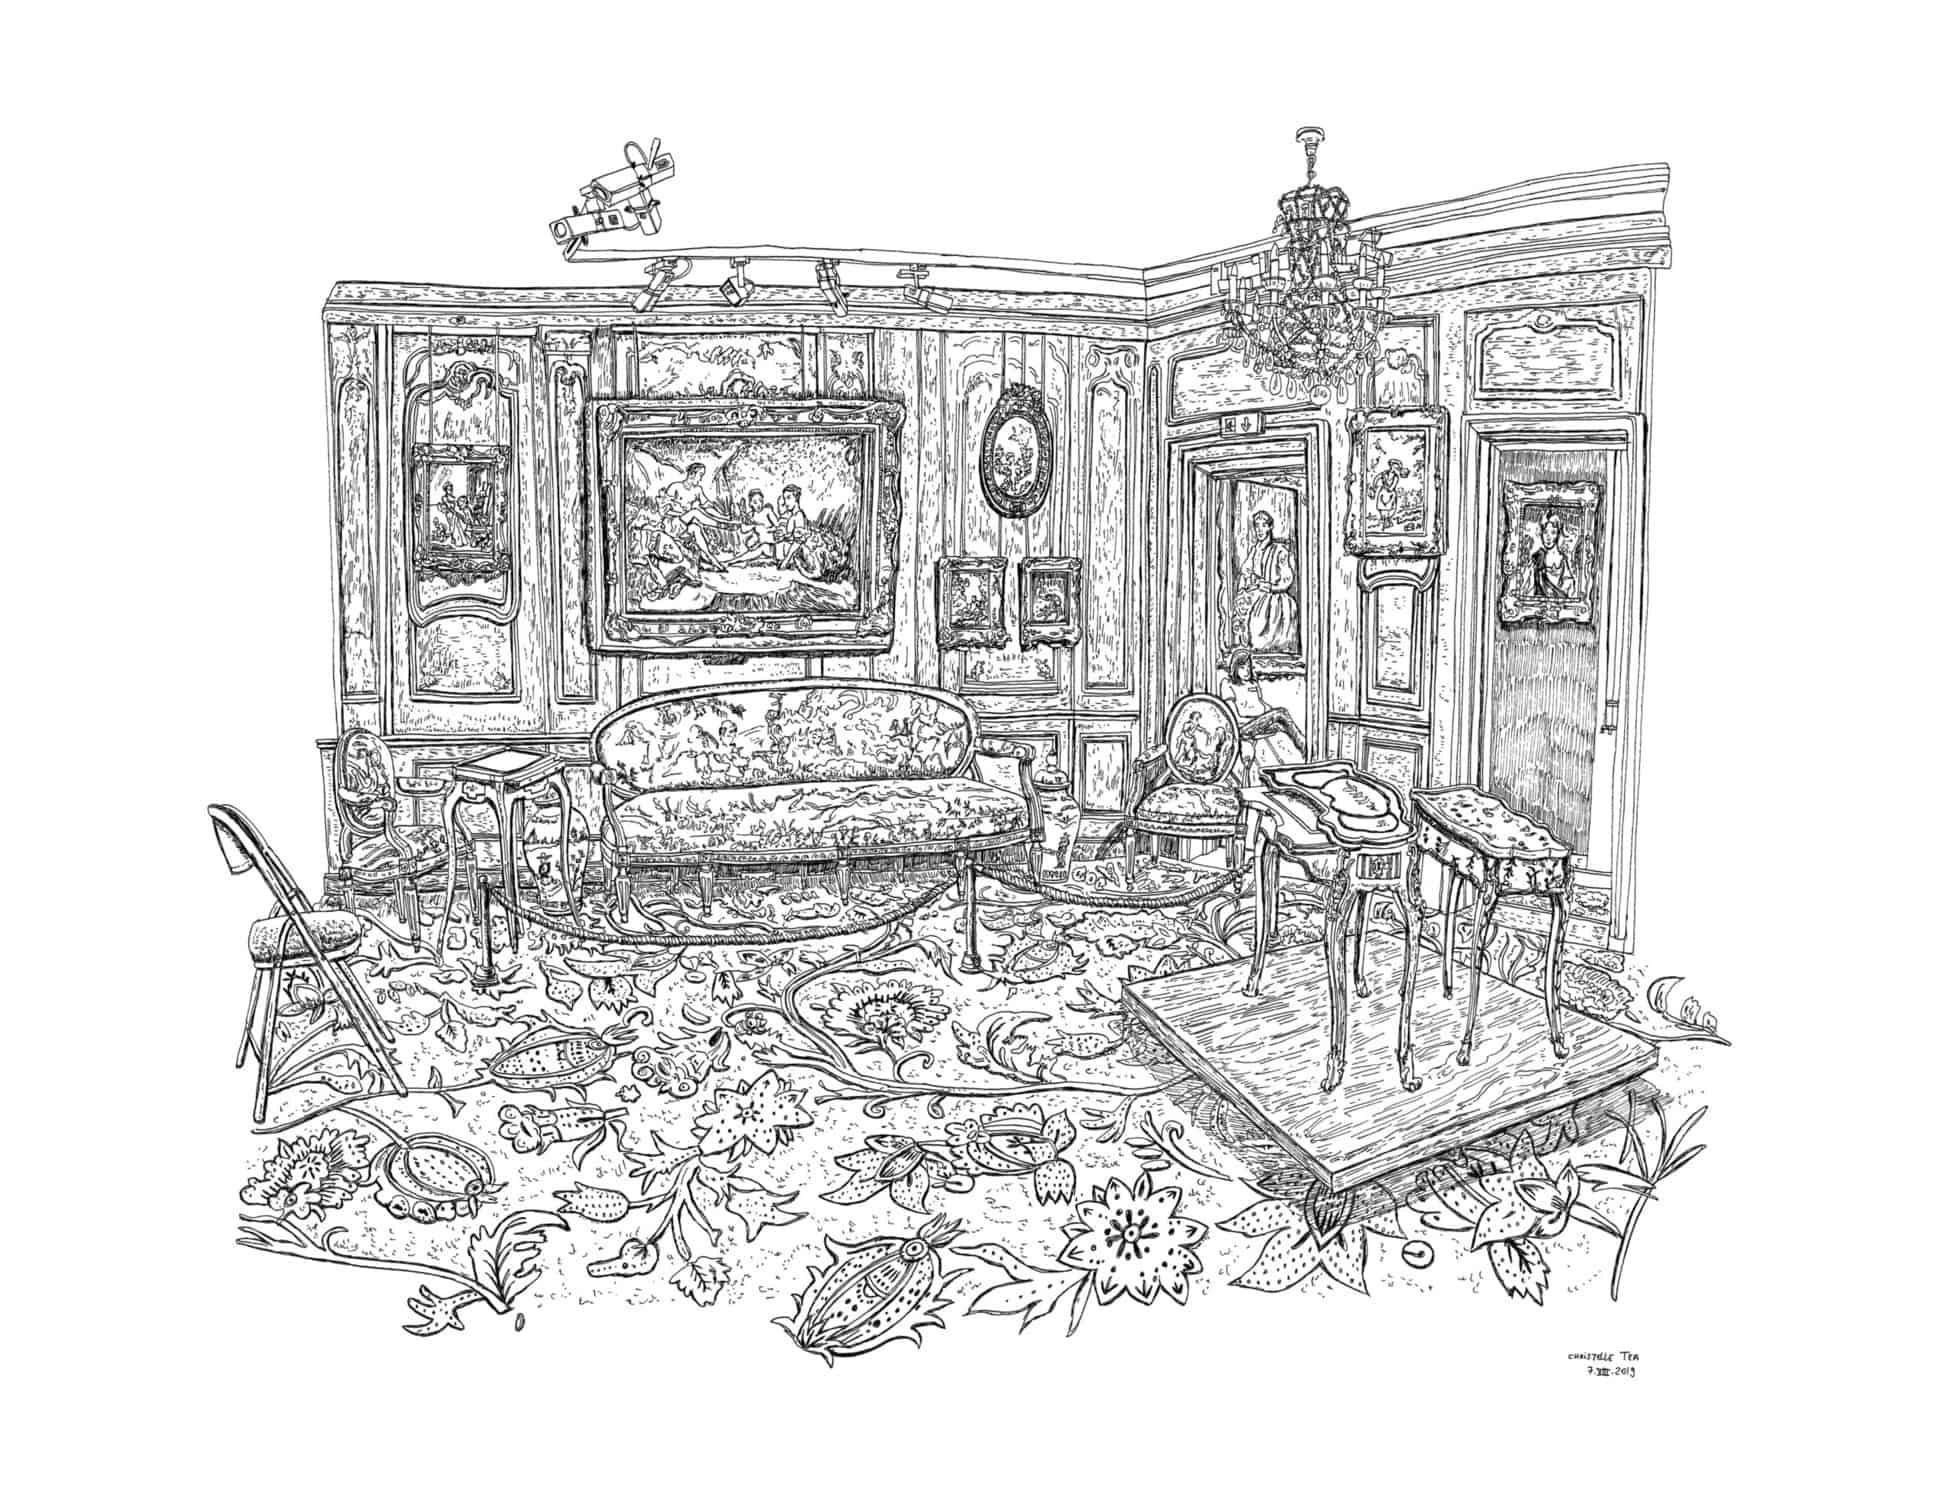 Le Salon de Boucher, Musée Cognacq-Jay, Paris, 7.VIII.2019. Encre de Chine sur papier, 50 x 65 cm. © Christelle Téa